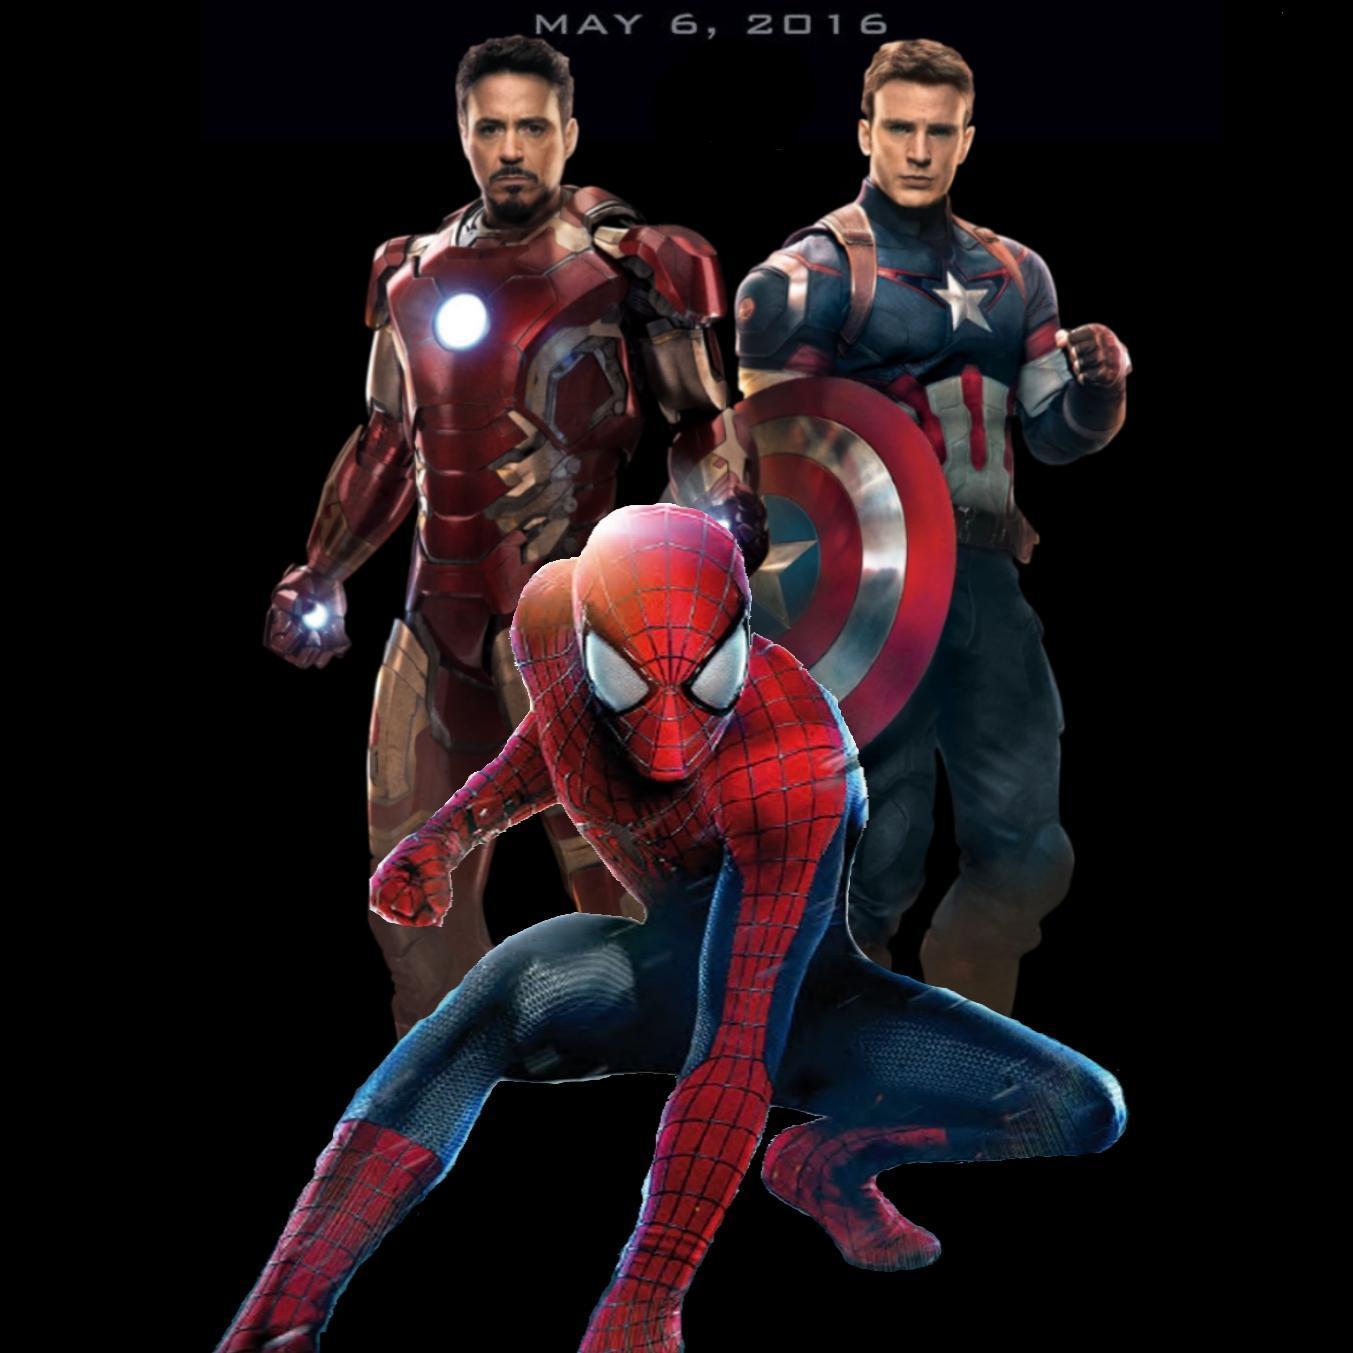 Spider Man 2017 spider-man 2017 (@spus...